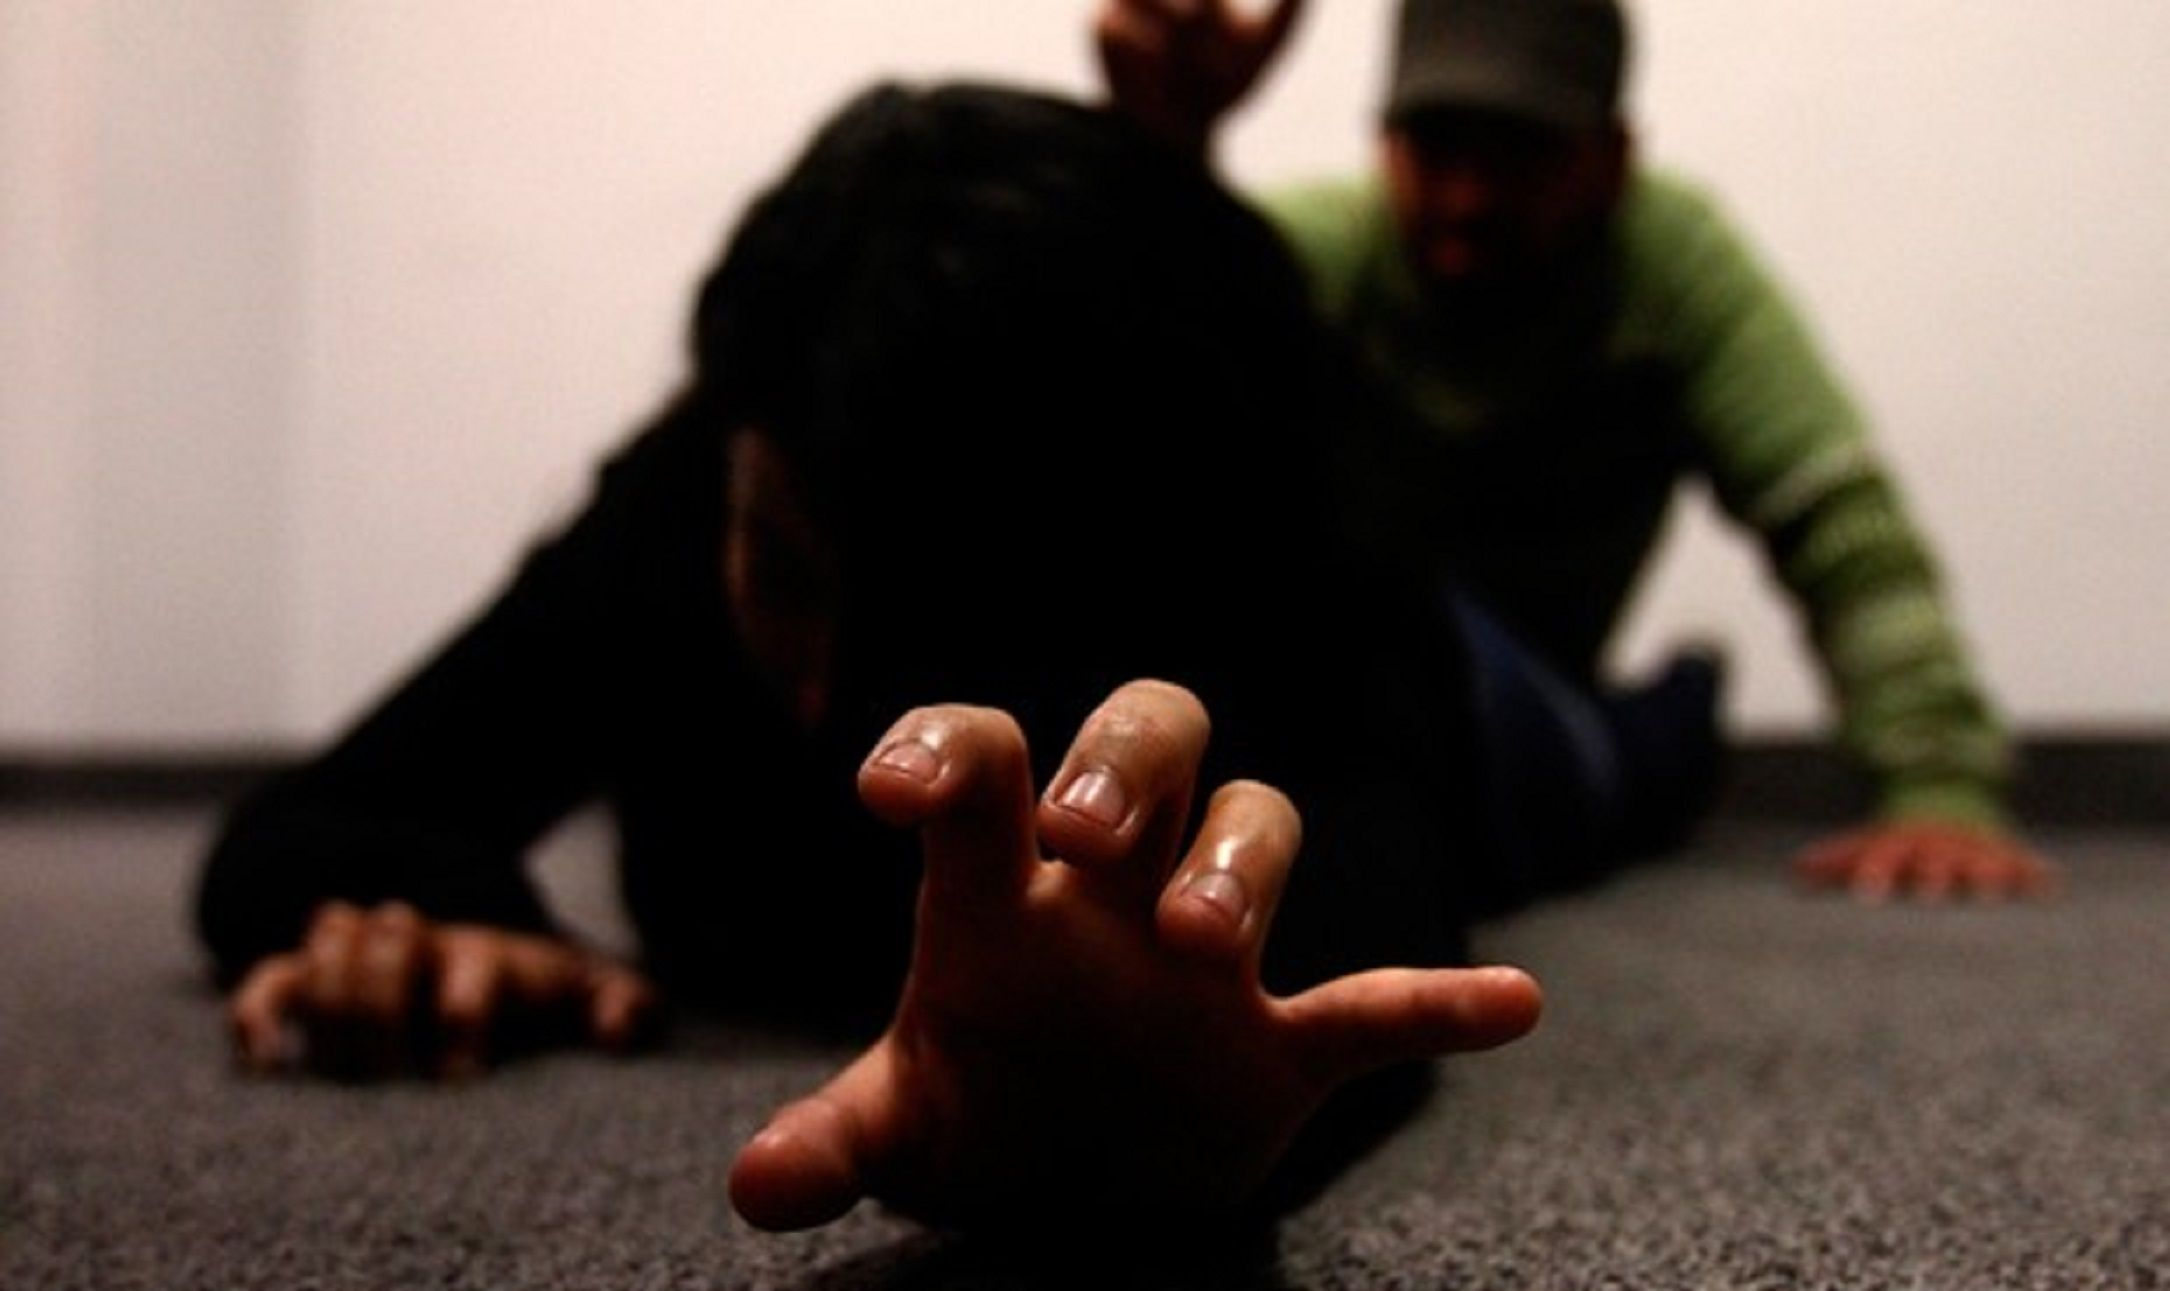 Entraron armados, robaron 40 mil pesos y violaron salvajemente a una joven frente a su padre